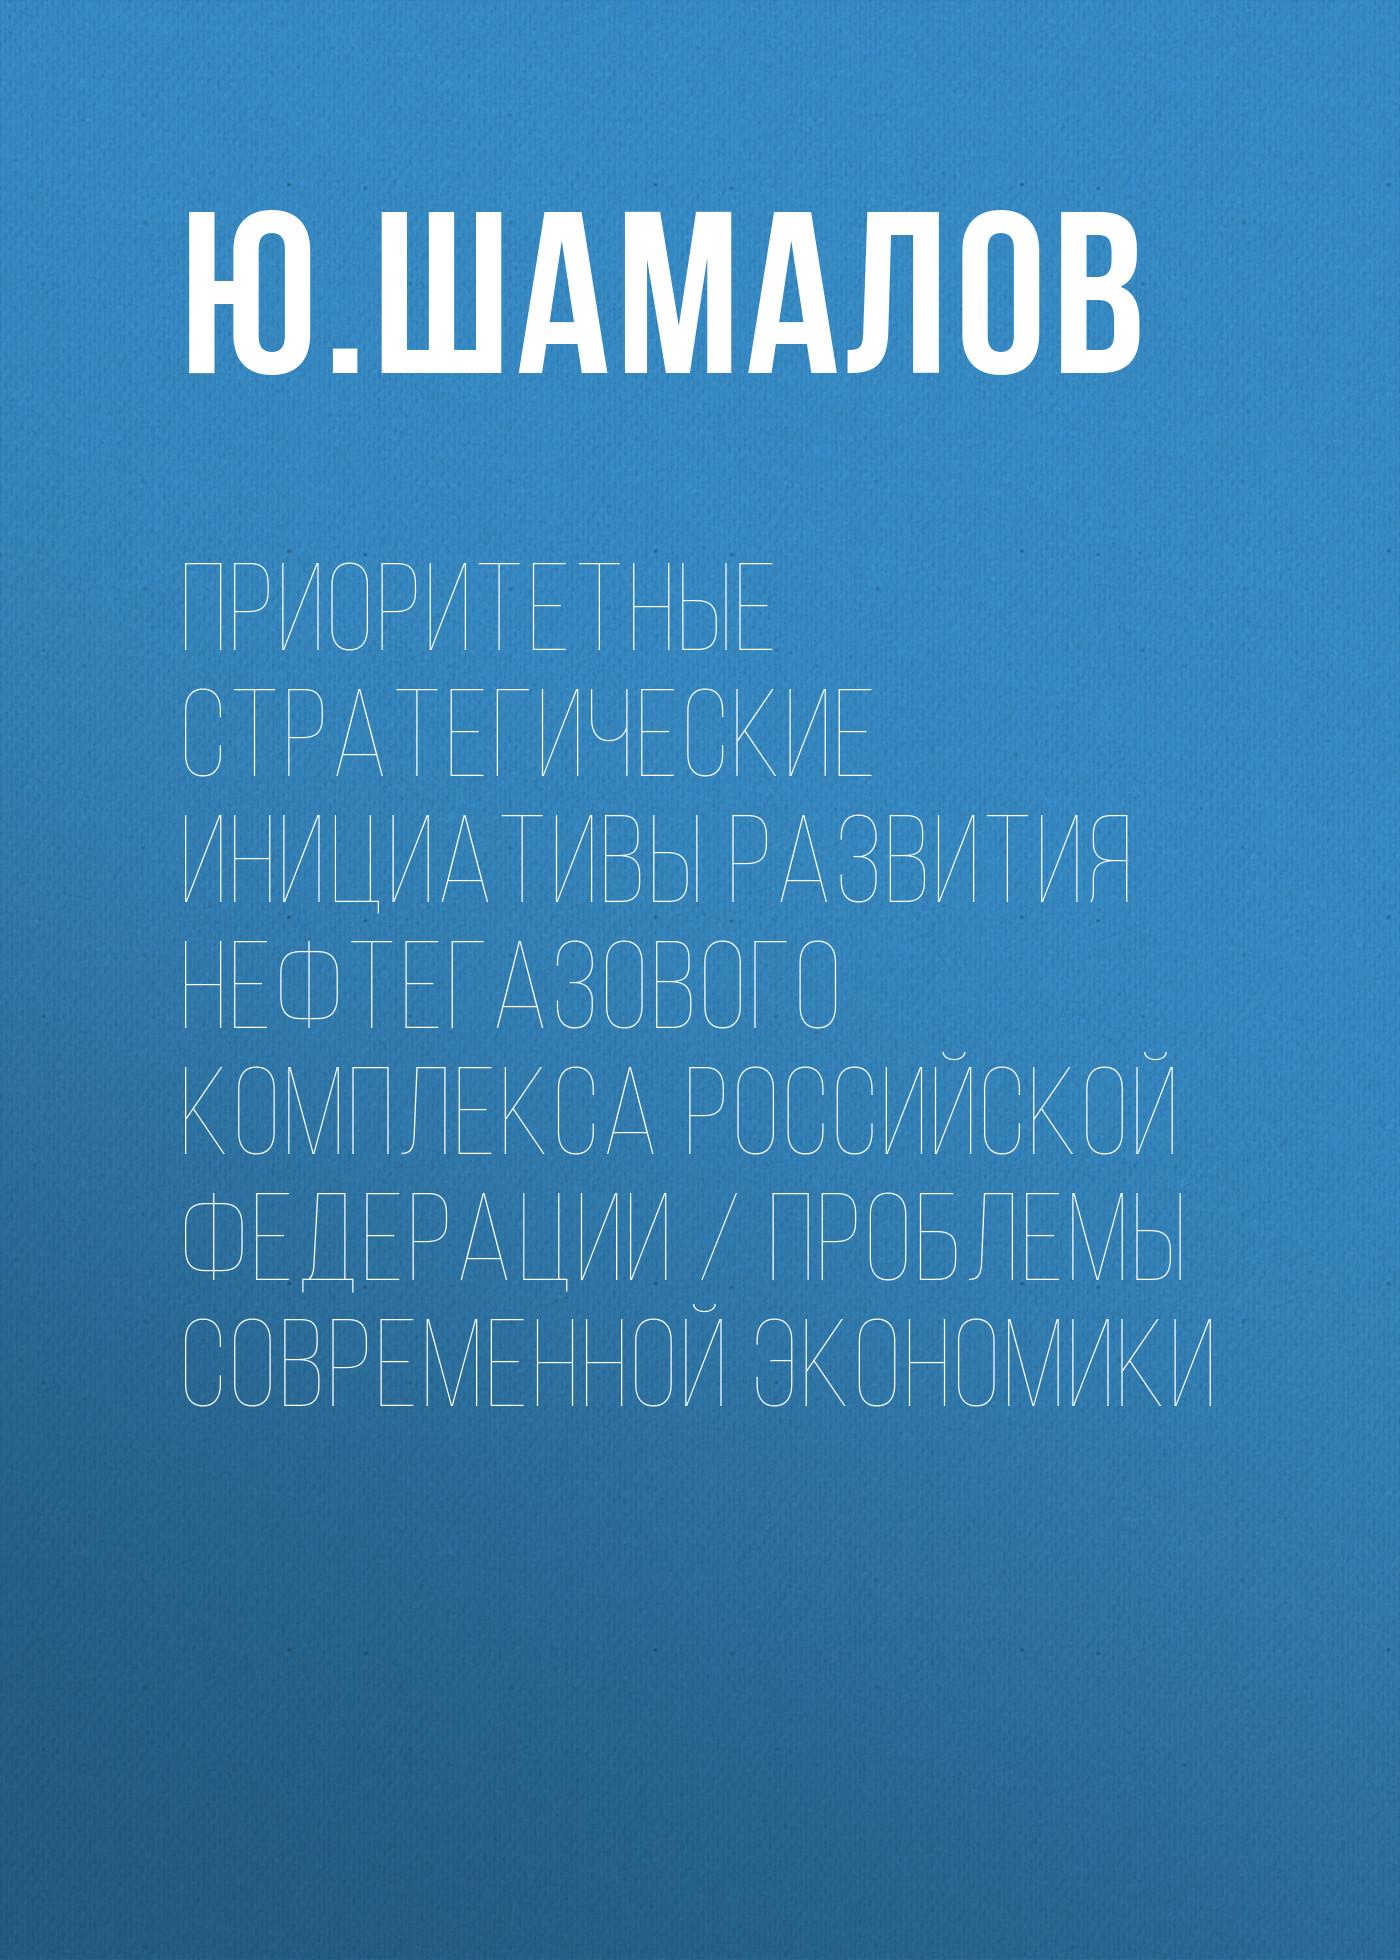 Ю. Шамалов Приоритетные стратегические инициативы развития нефтегазового комплекса Российской Федерации / Проблемы современной экономики